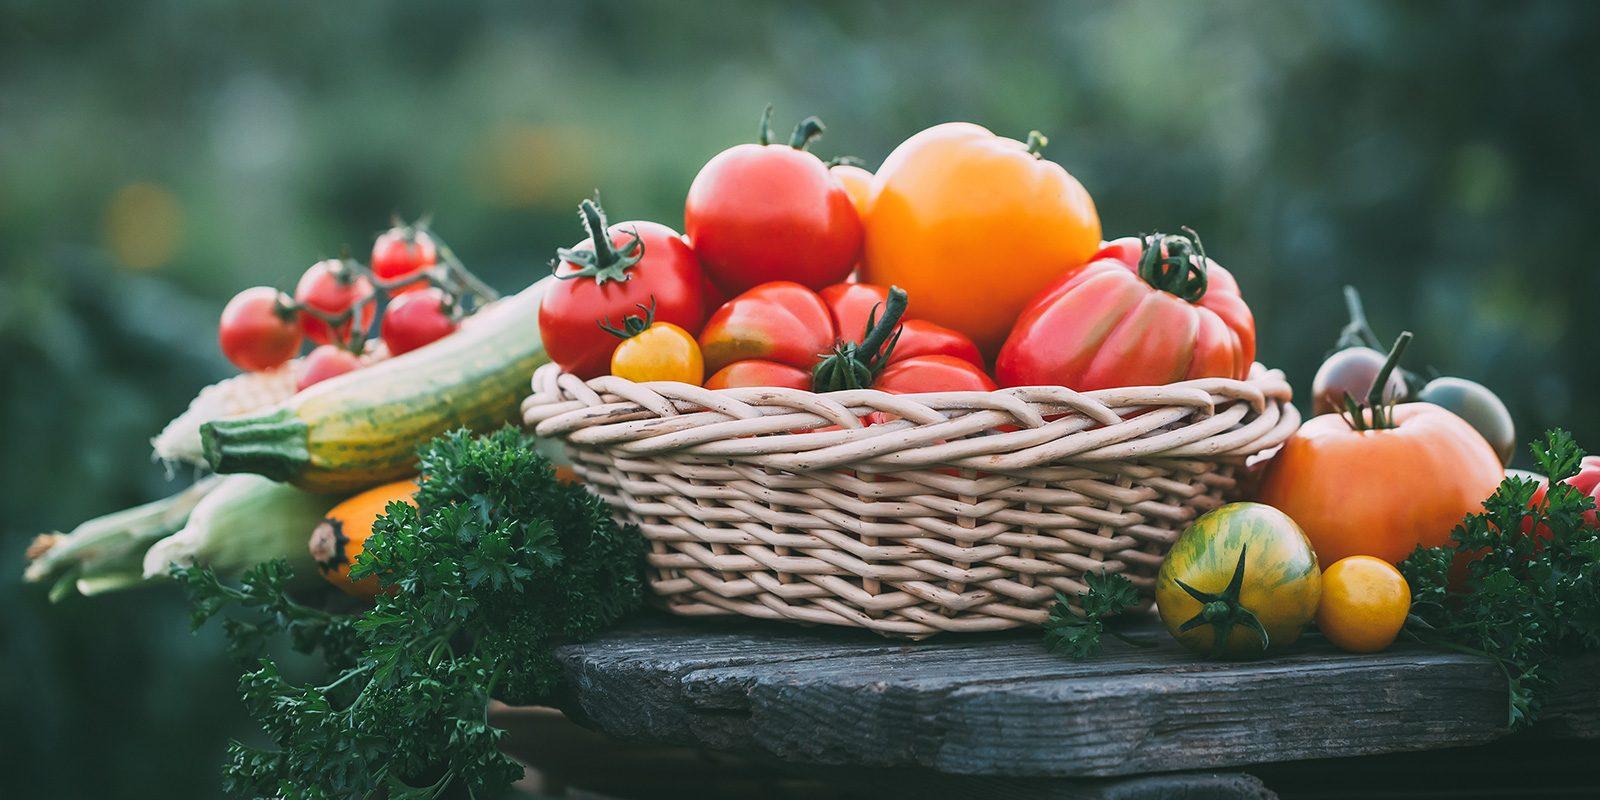 gewoon-zelfvoorzienend-leven-moestuin-tomaten-courgette